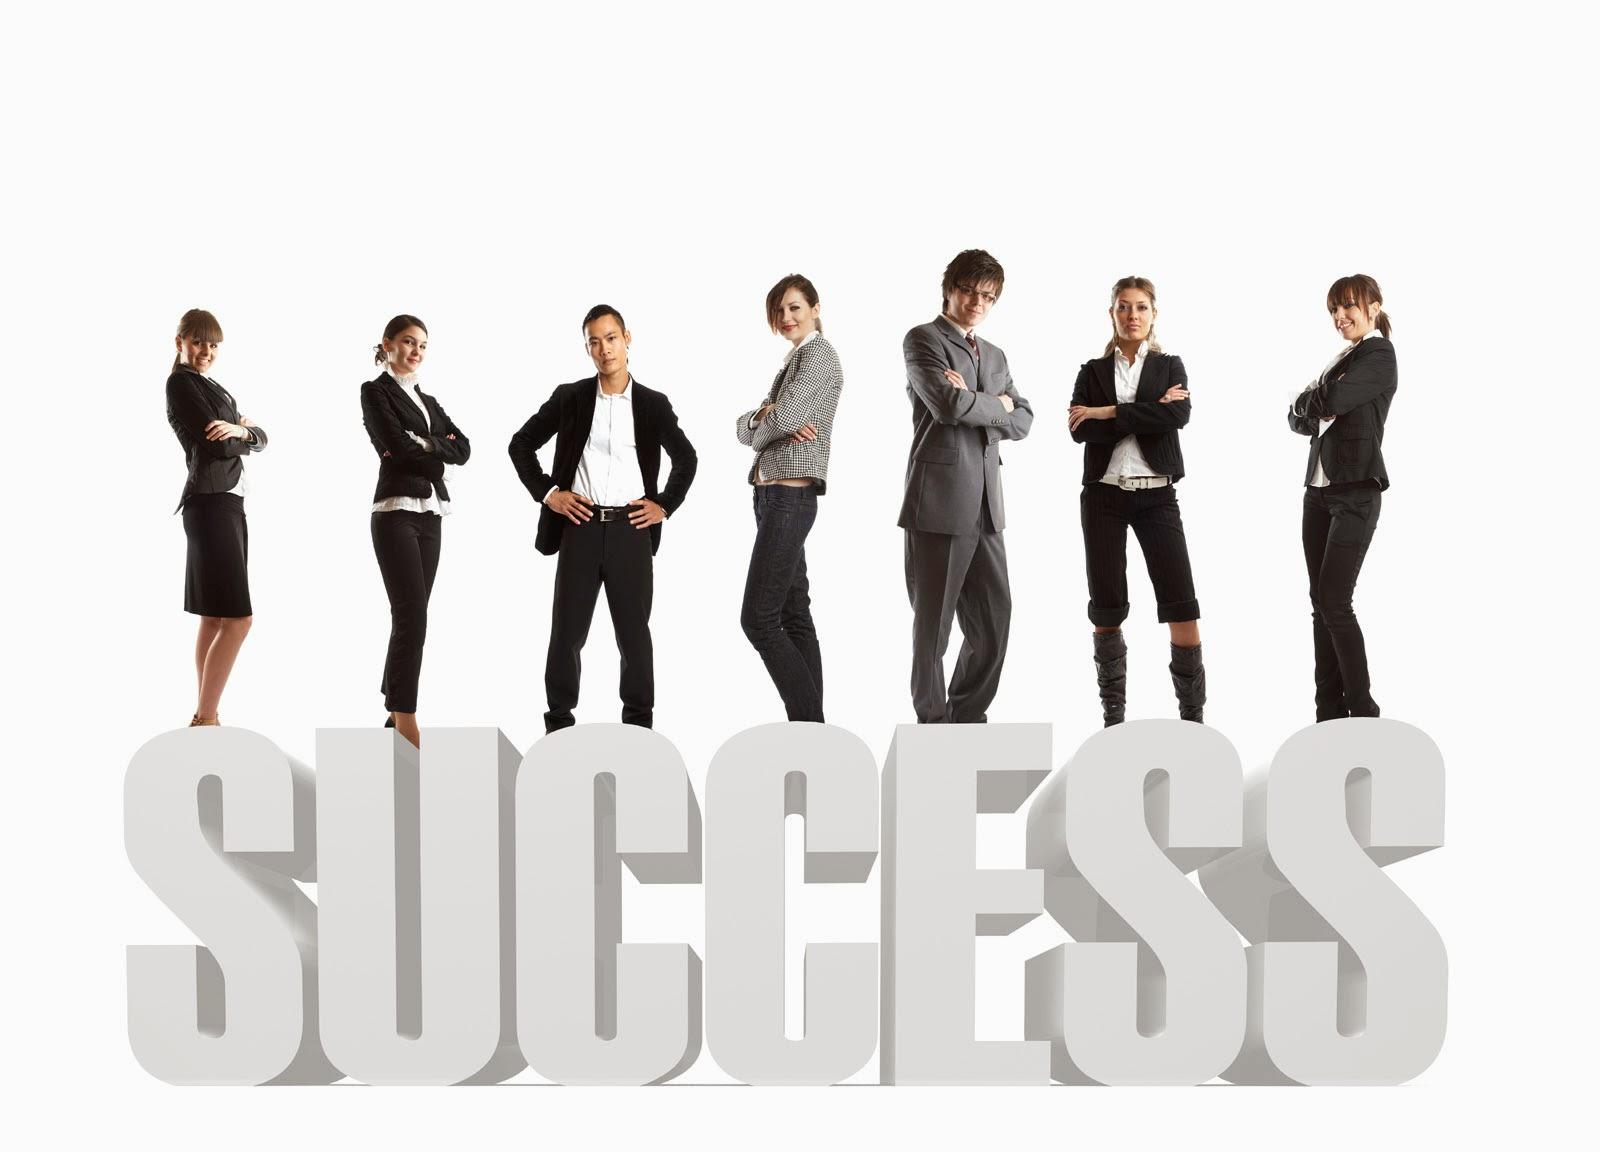 người bán hàng thành công và thất bại khác biệt như thế nào